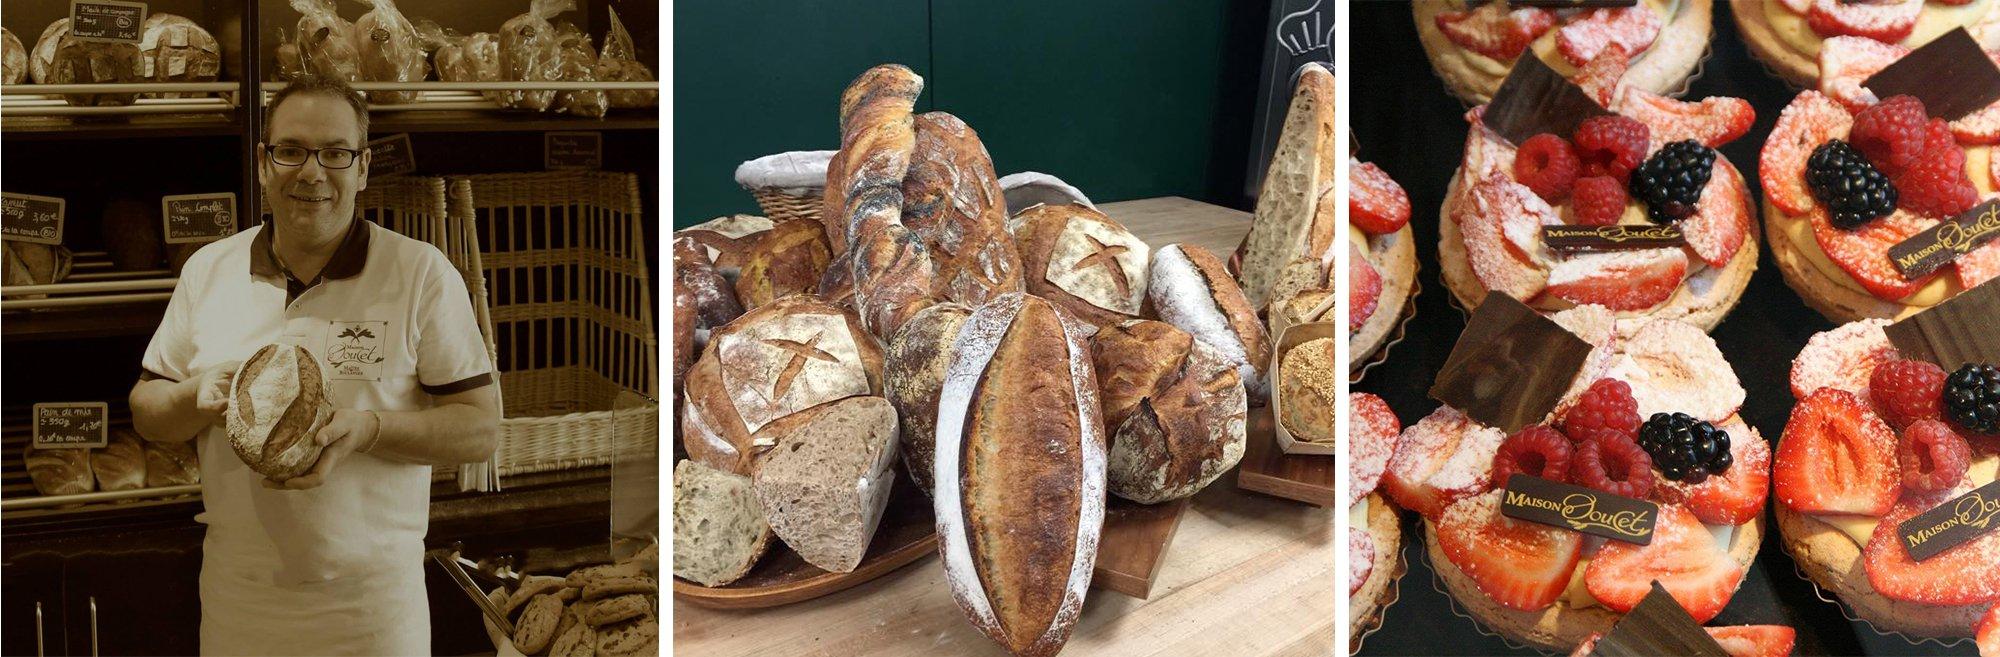 Présentation boulangerie Maison Doucet à Lille